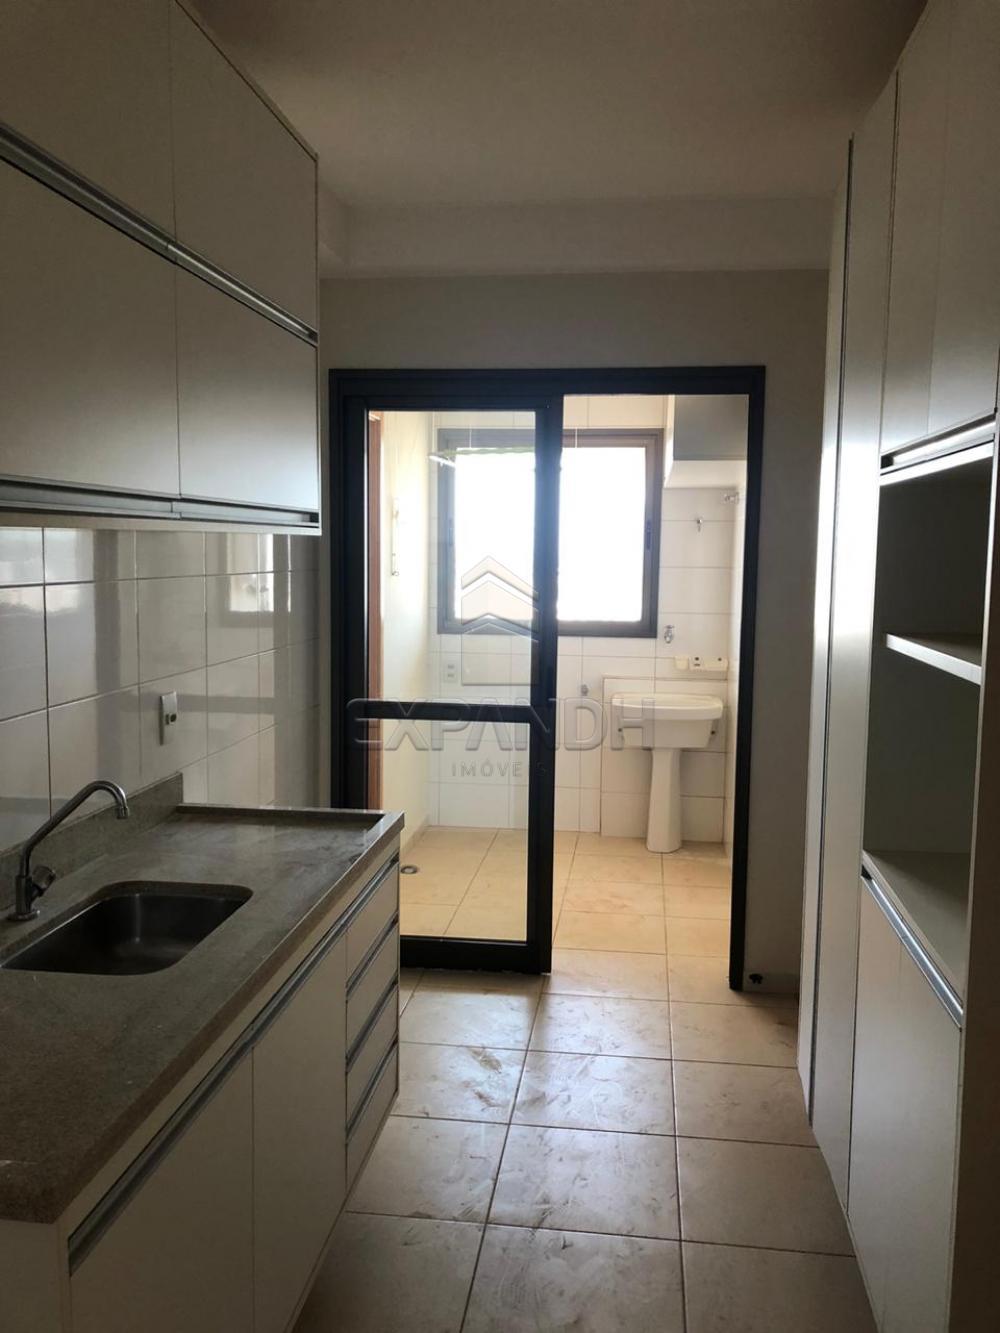 Alugar Apartamentos / Padrão em Sertãozinho apenas R$ 1.650,00 - Foto 6